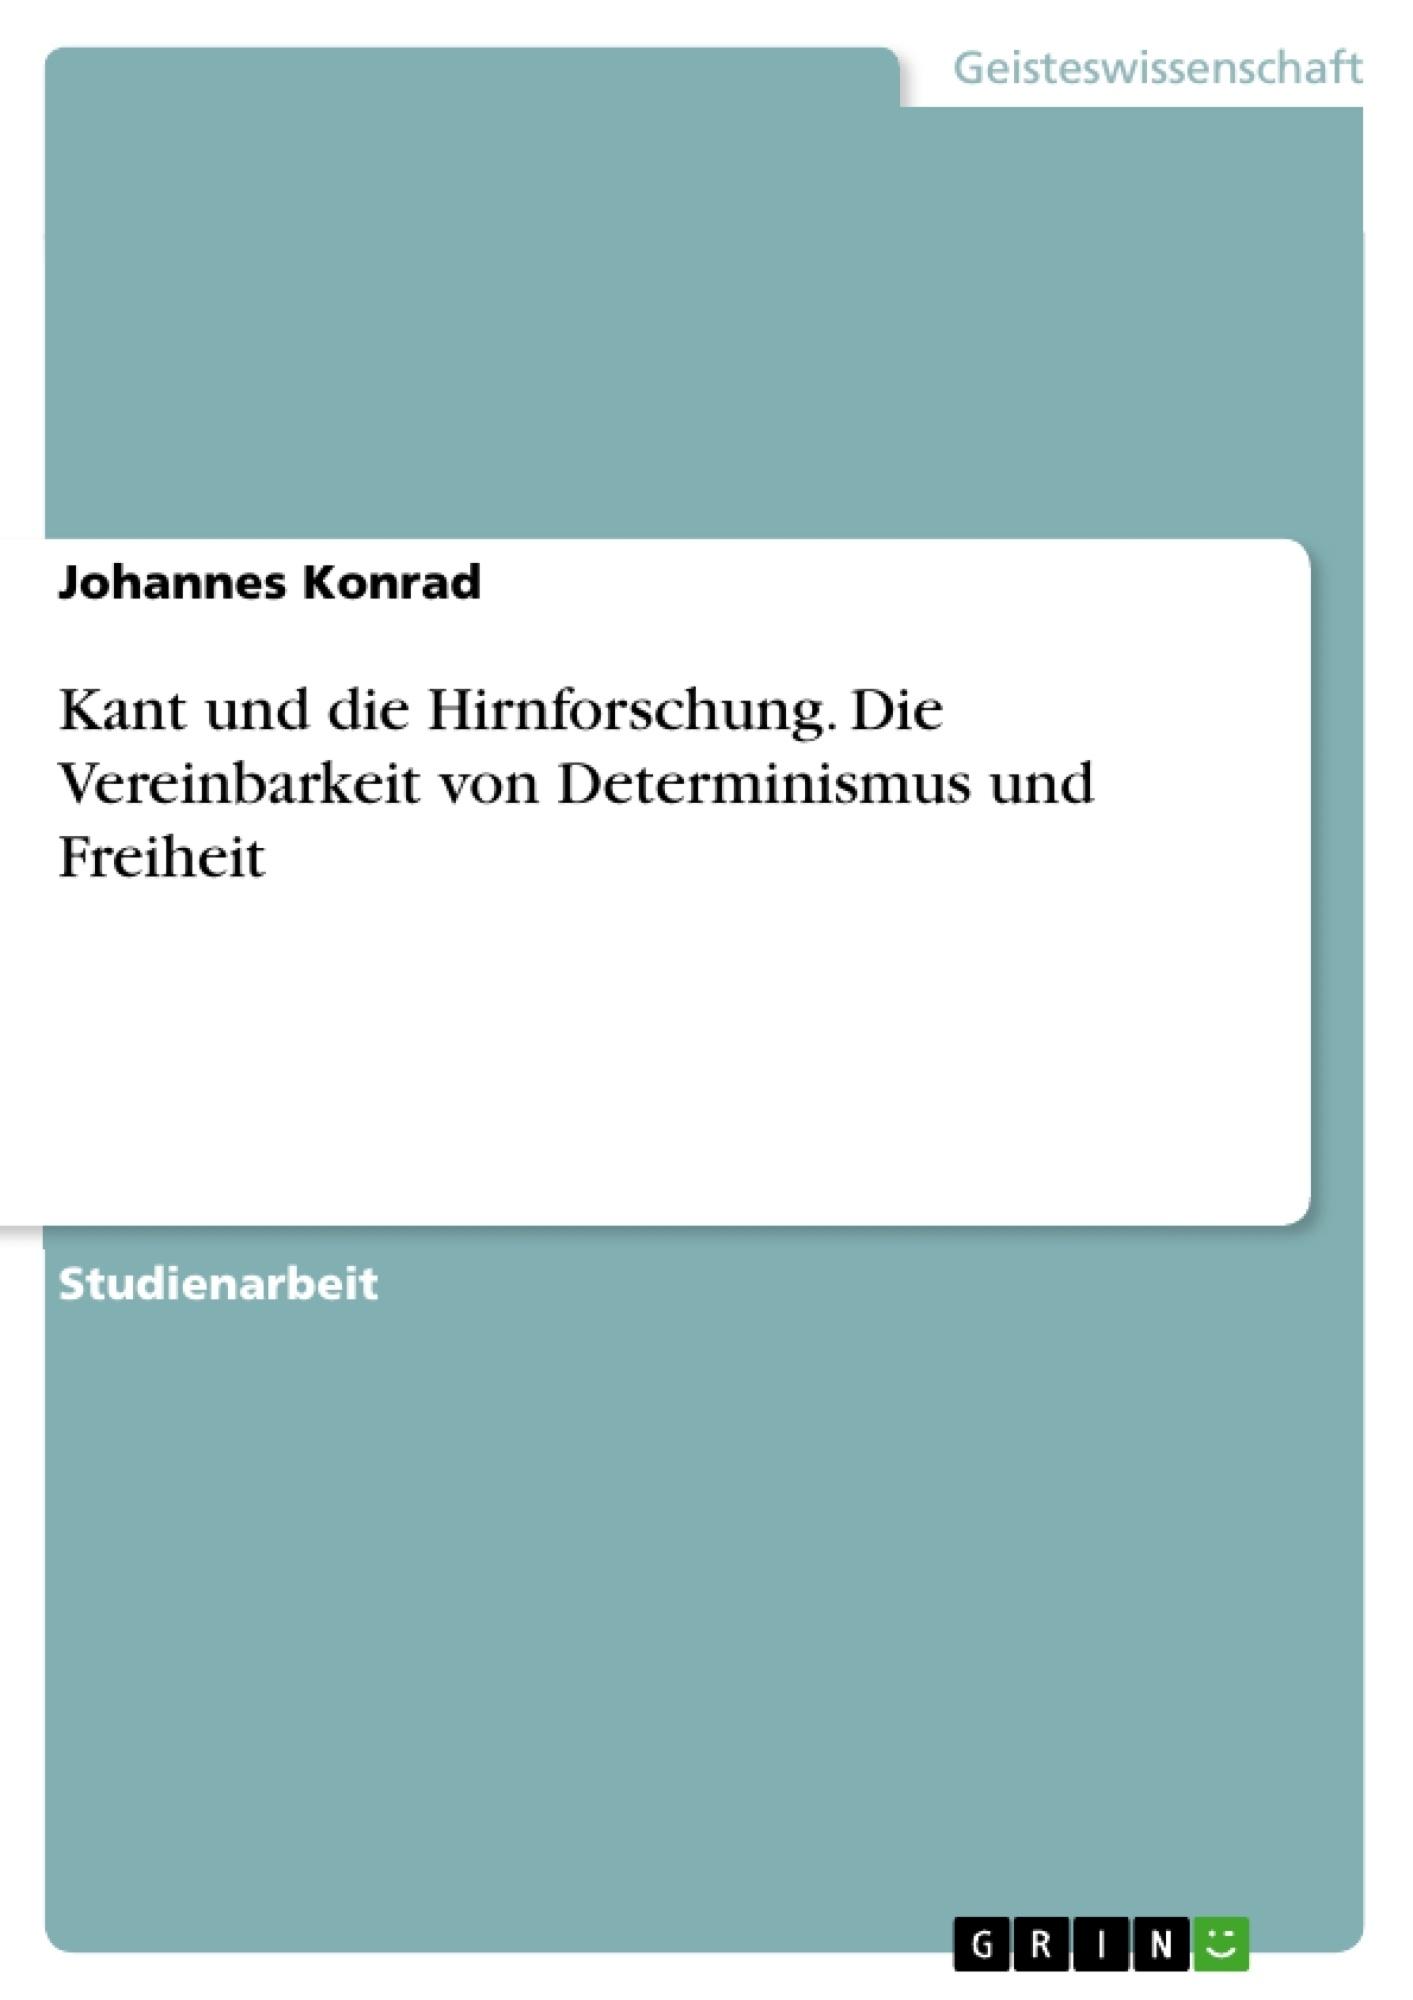 Titel: Kant und die Hirnforschung. Die Vereinbarkeit von Determinismus und Freiheit